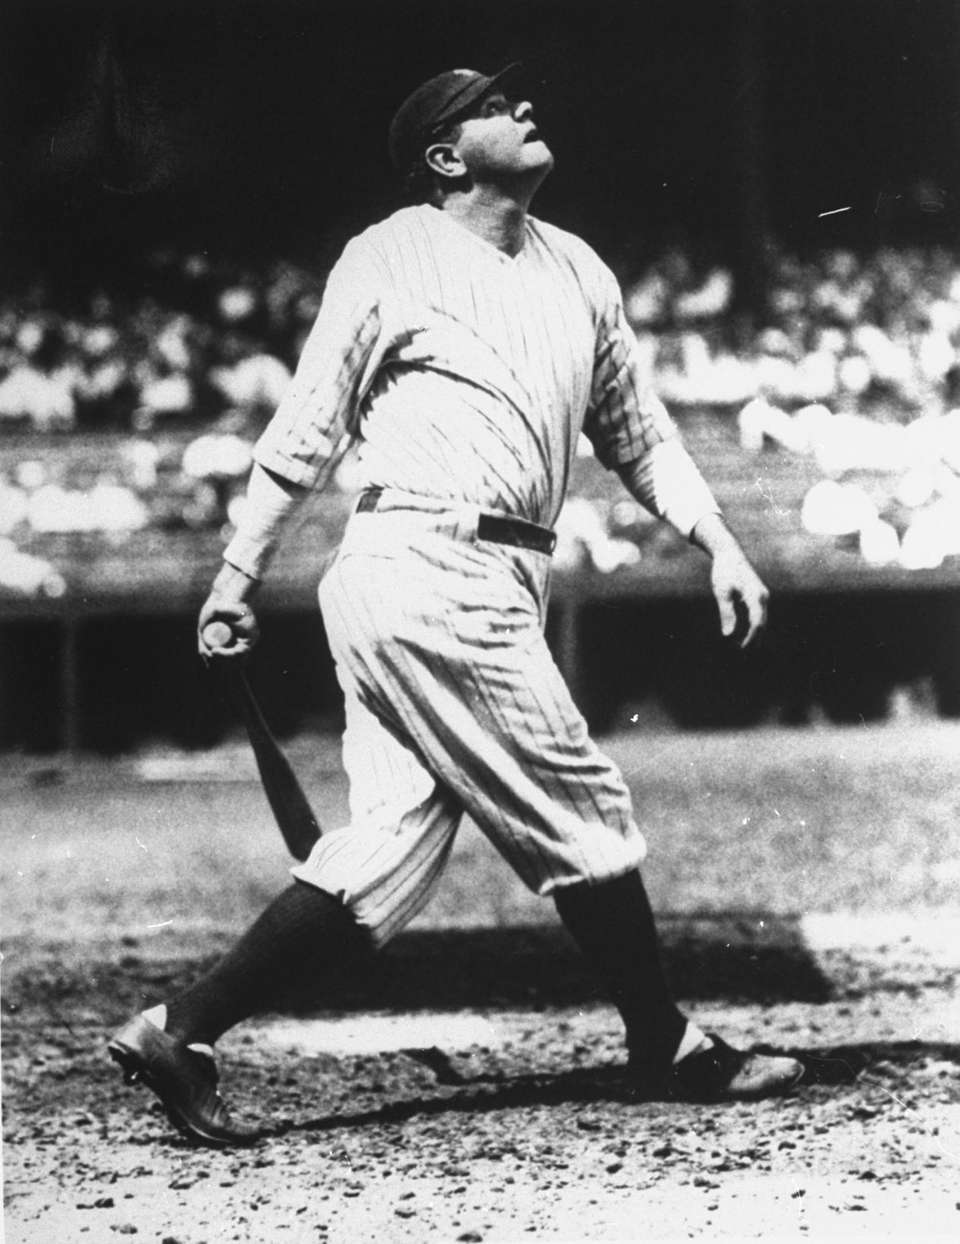 BABE RUTH 1920, Yankees 54 home runs